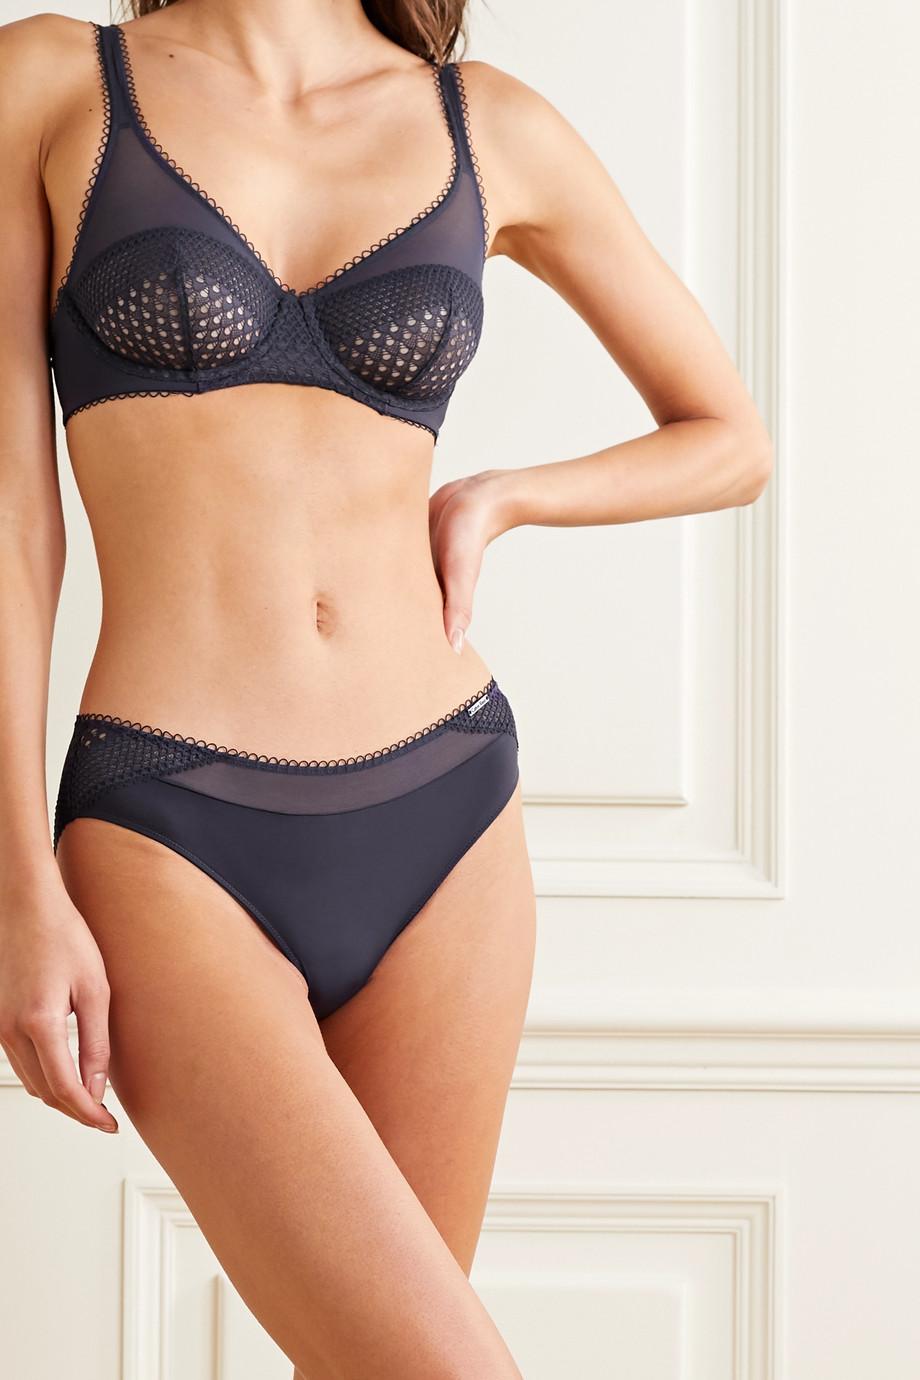 Calvin Klein Underwear Stretch-tulle, crochet and satin underwired soft-cup bra